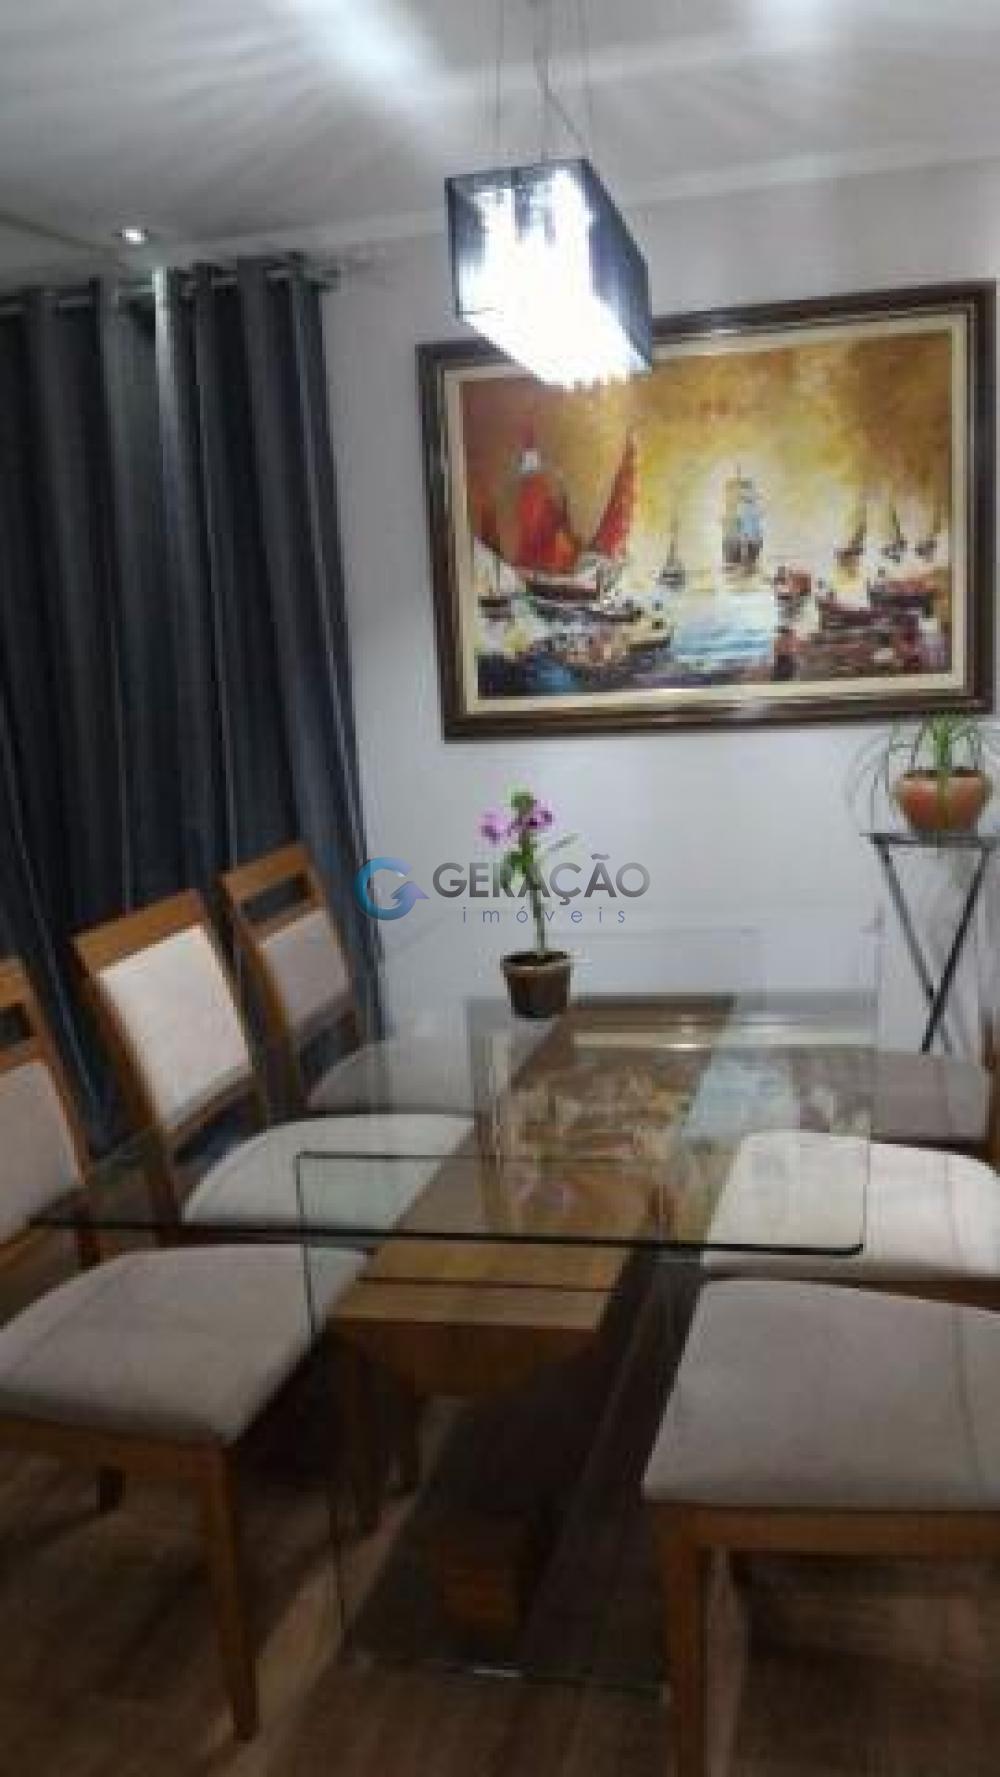 Comprar Apartamento / Padrão em São José dos Campos apenas R$ 510.000,00 - Foto 13